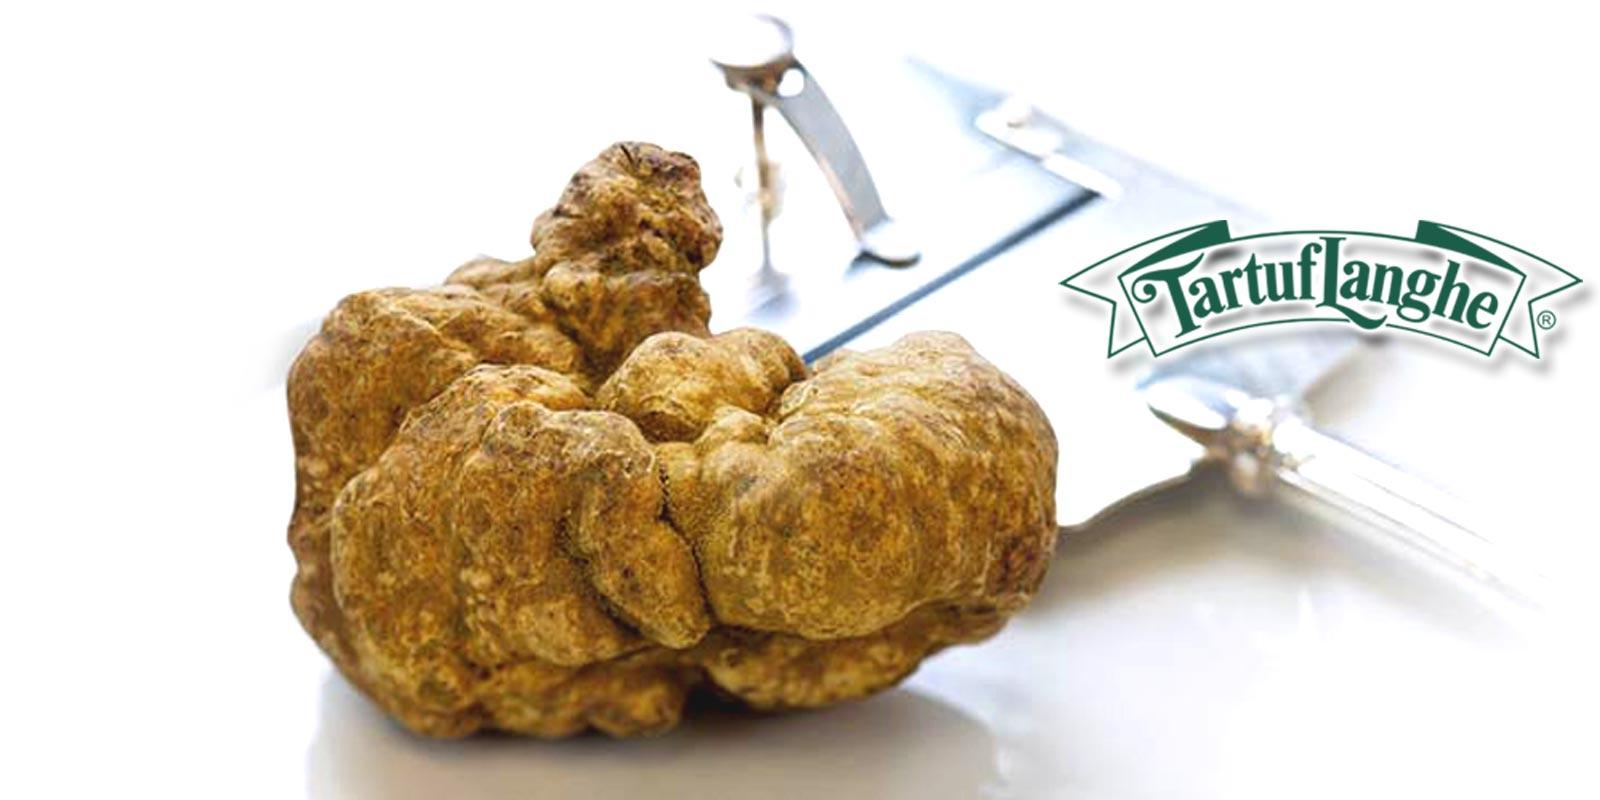 Produkte von Tartuflanghe Seit 1968 produziert und vertreibt Tartuflanghe Trüffel- und Trüffelprodukte. Sie zeichnen sich durch eine hohe Geschmacks- und Fertigungsqualität aus.